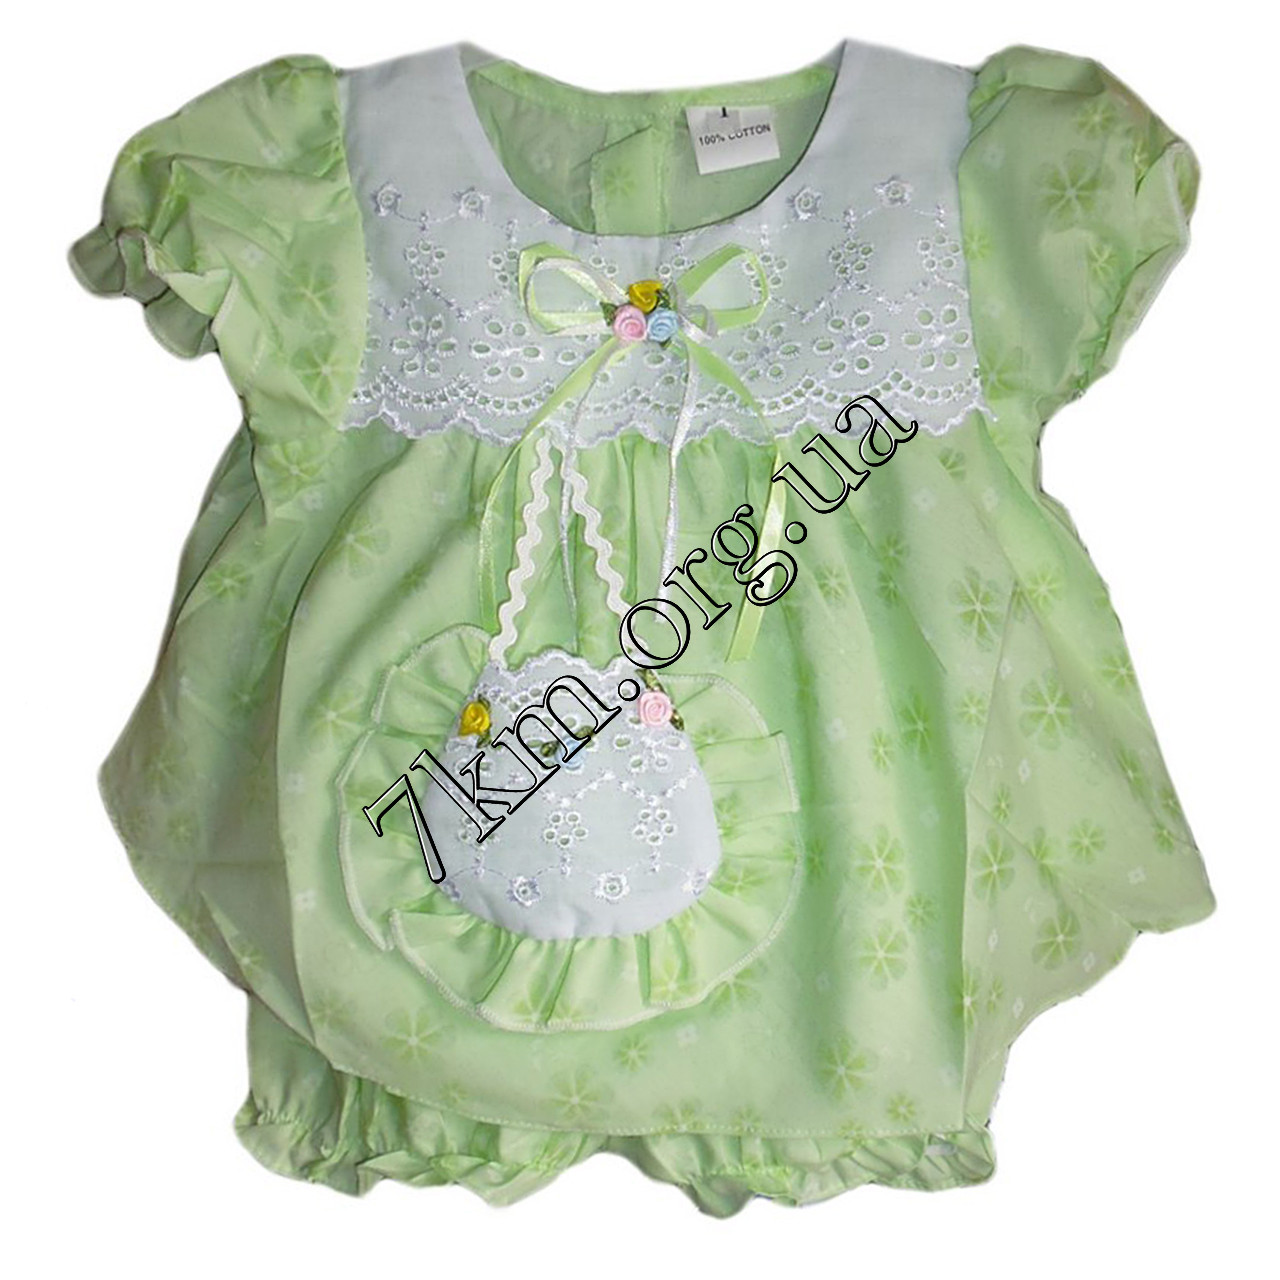 Платье с трусиками батист салатовое 6-18 месяцев Оптом 020532